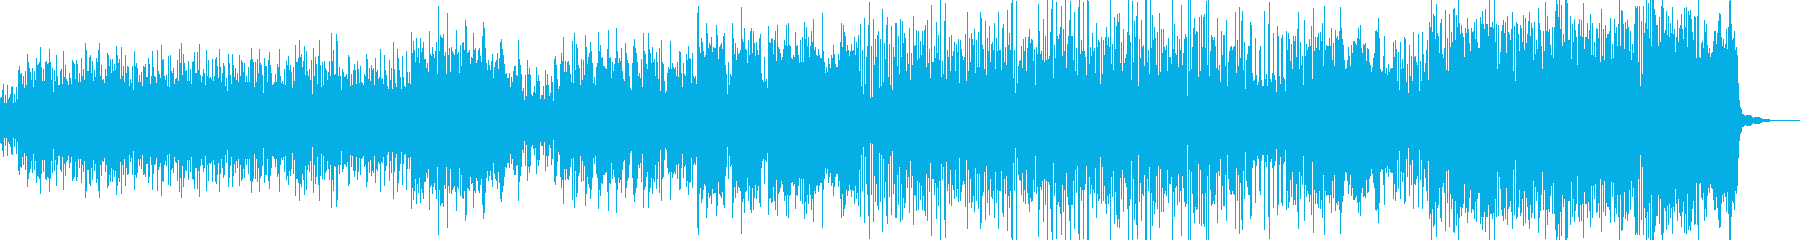 不気味可愛いハロウィン調 ドラム有 Bの再生済みの波形